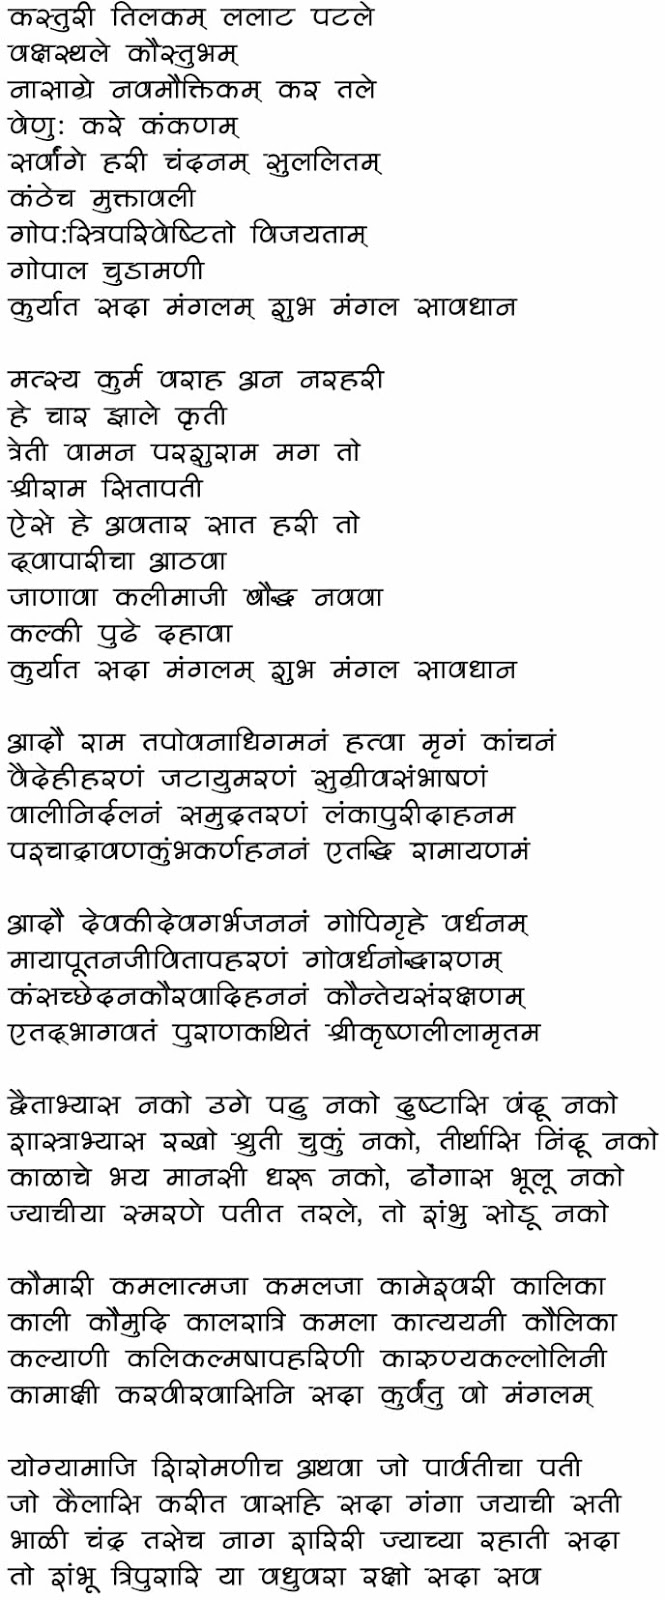 Marathi balgeet: marathi mangalashtak with lyrics | मराठी.